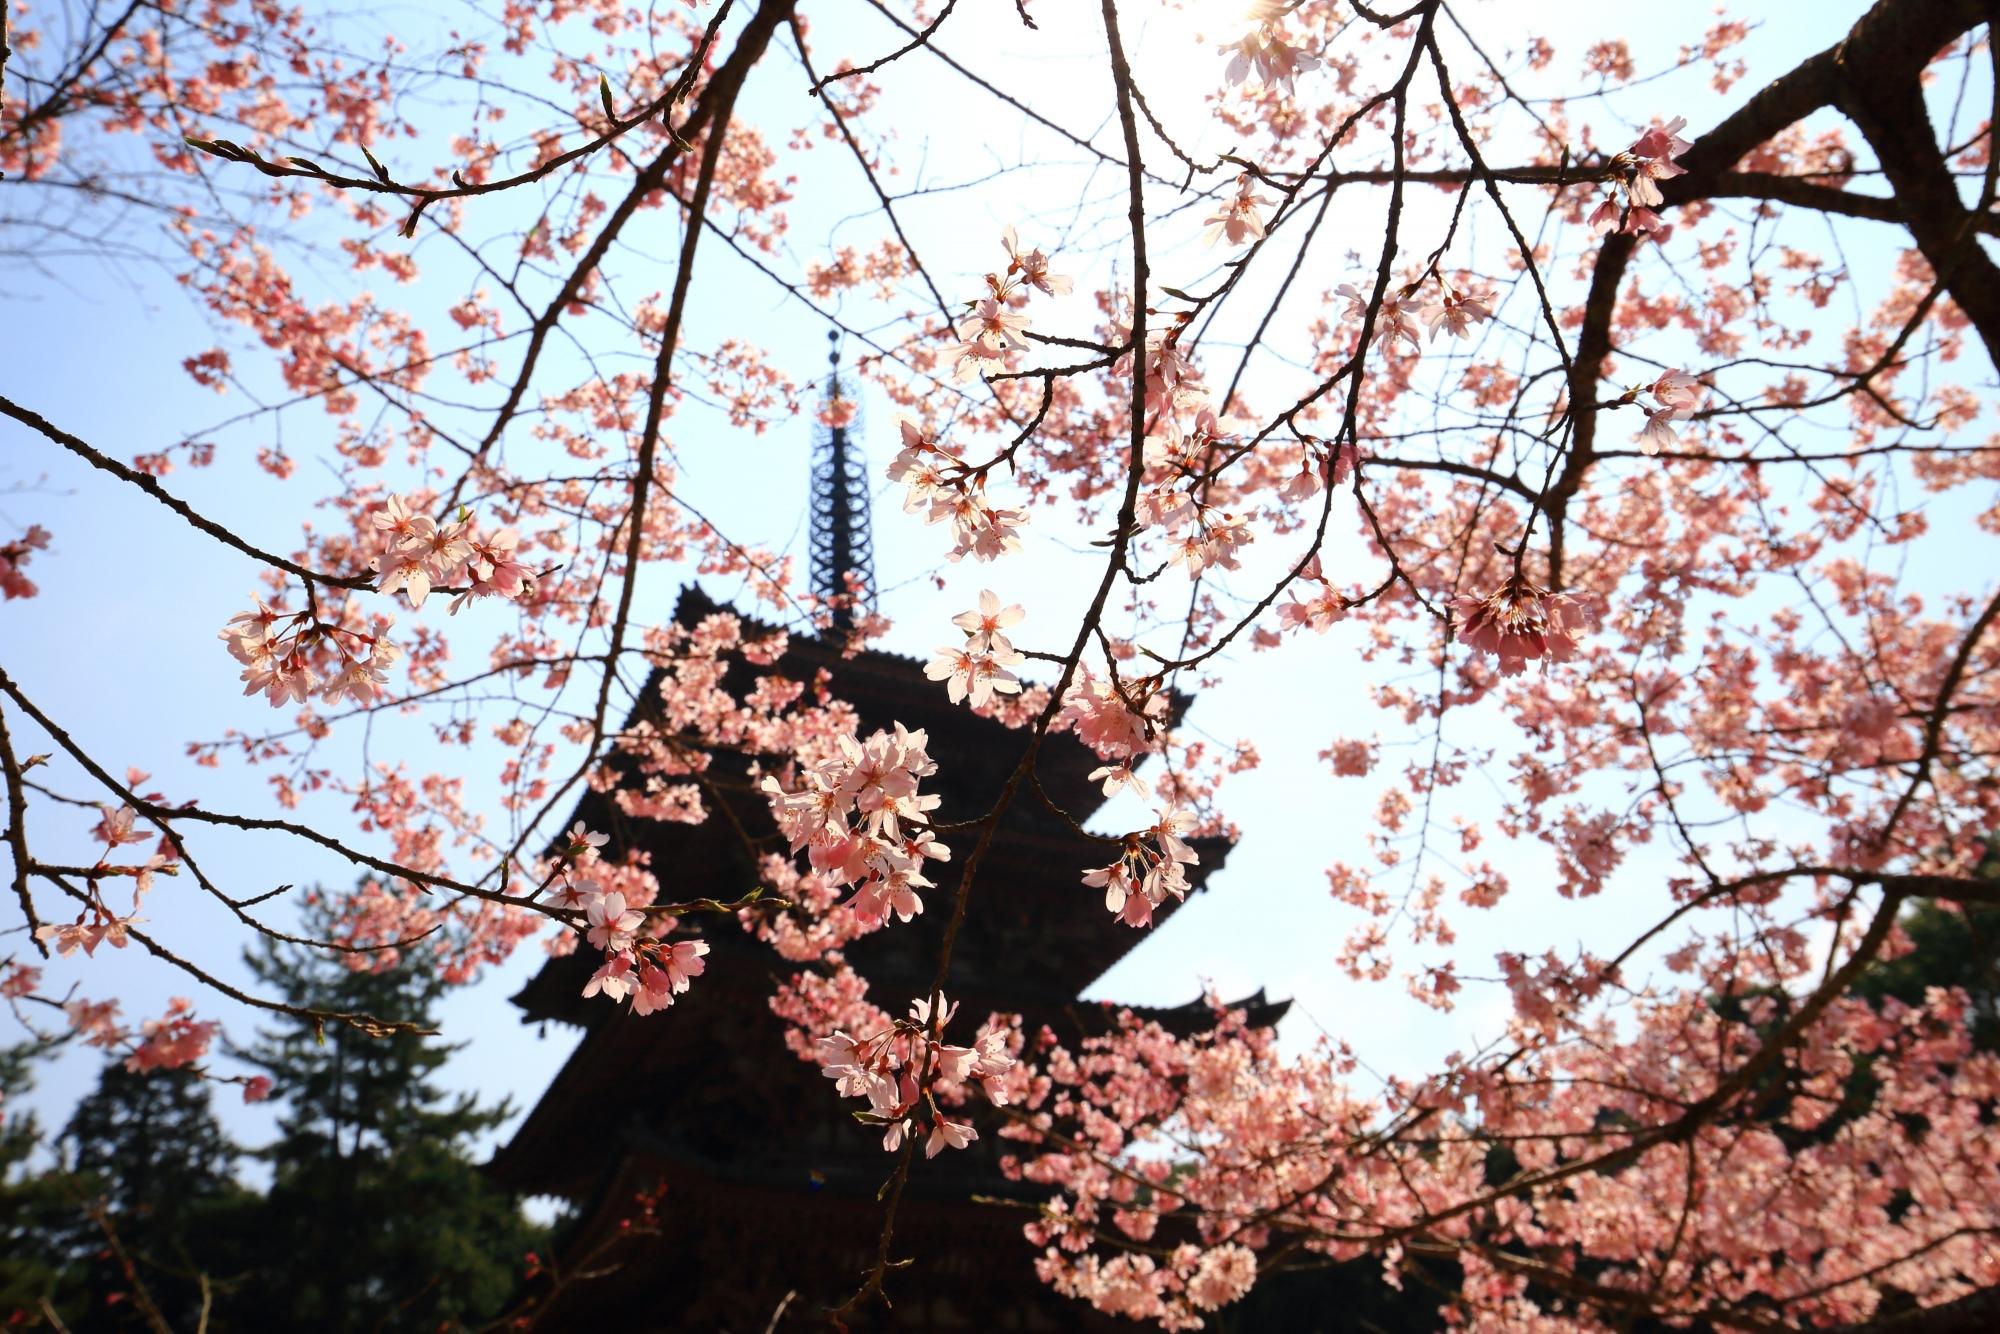 下から見上げた五重塔と彩りの桜